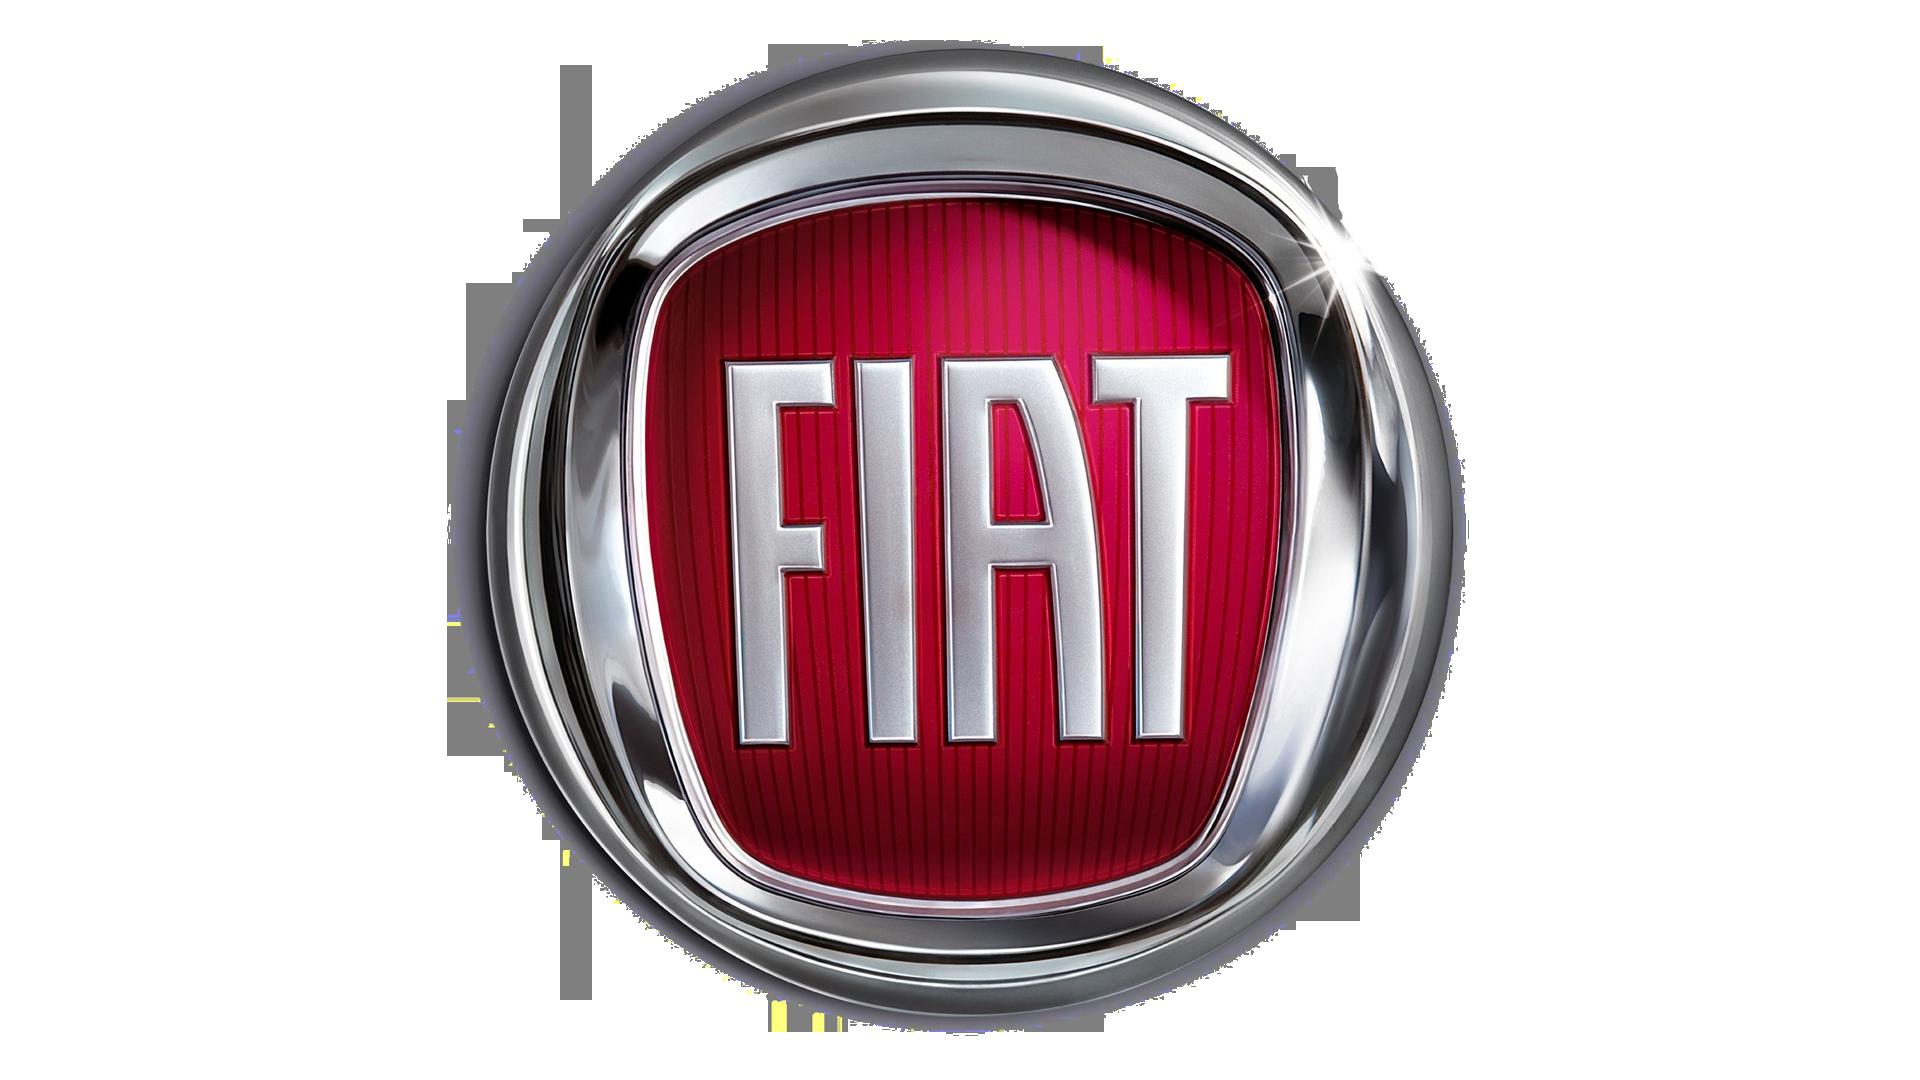 Fiat-logo-2006-1920×1080